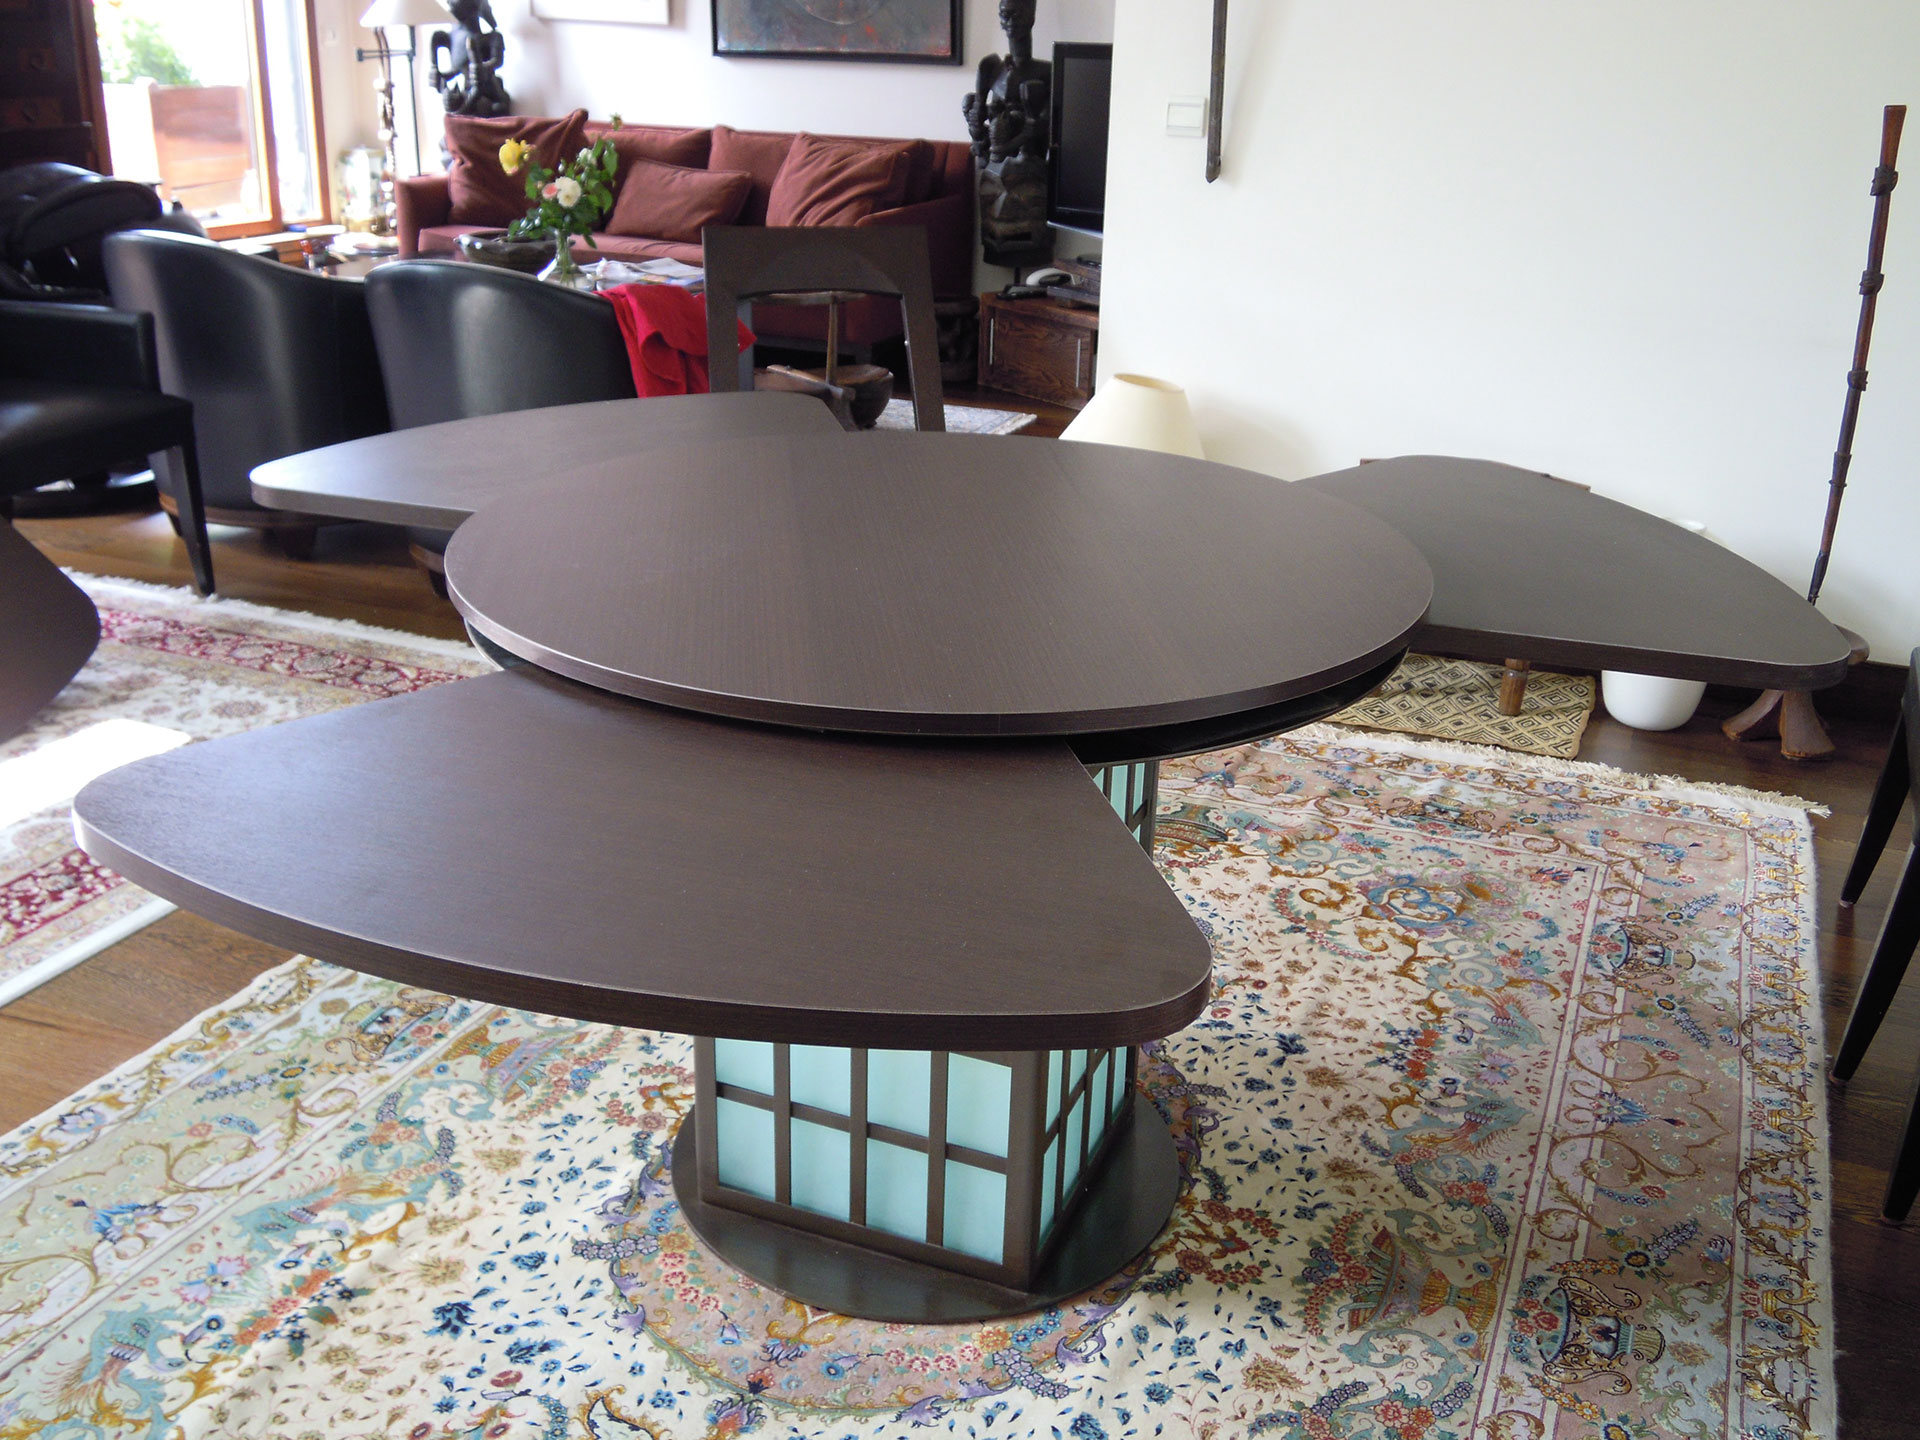 sakura-ouvert-table-quasart